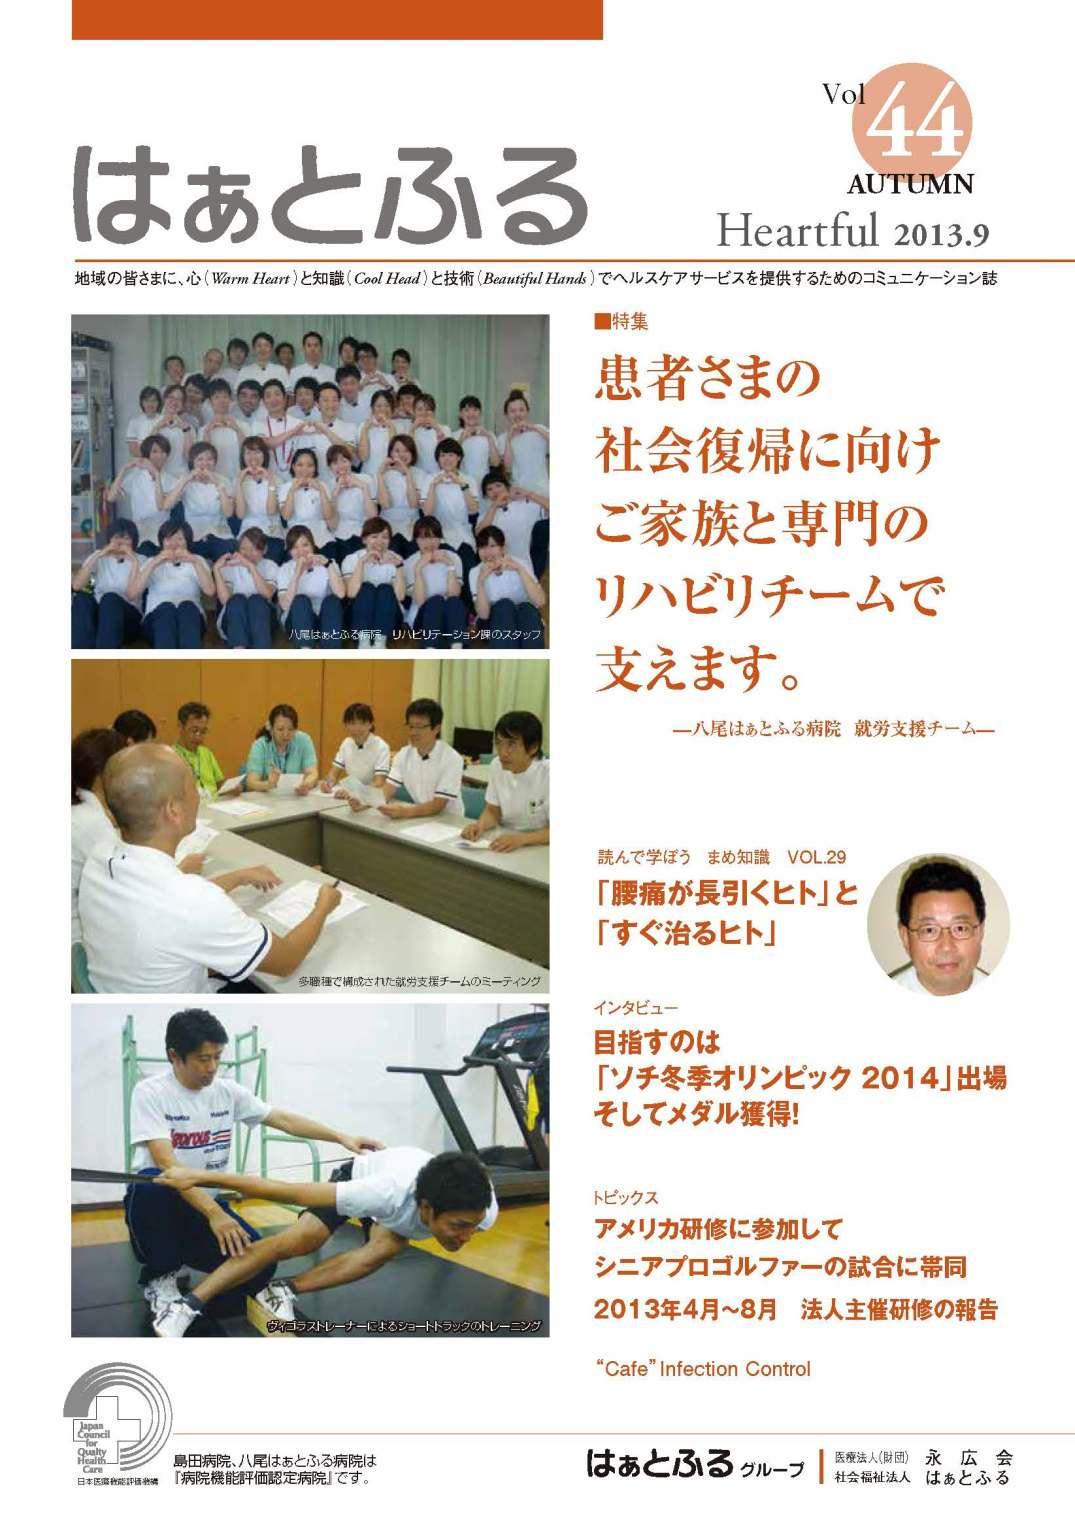 広報誌はぁとふるVol.44